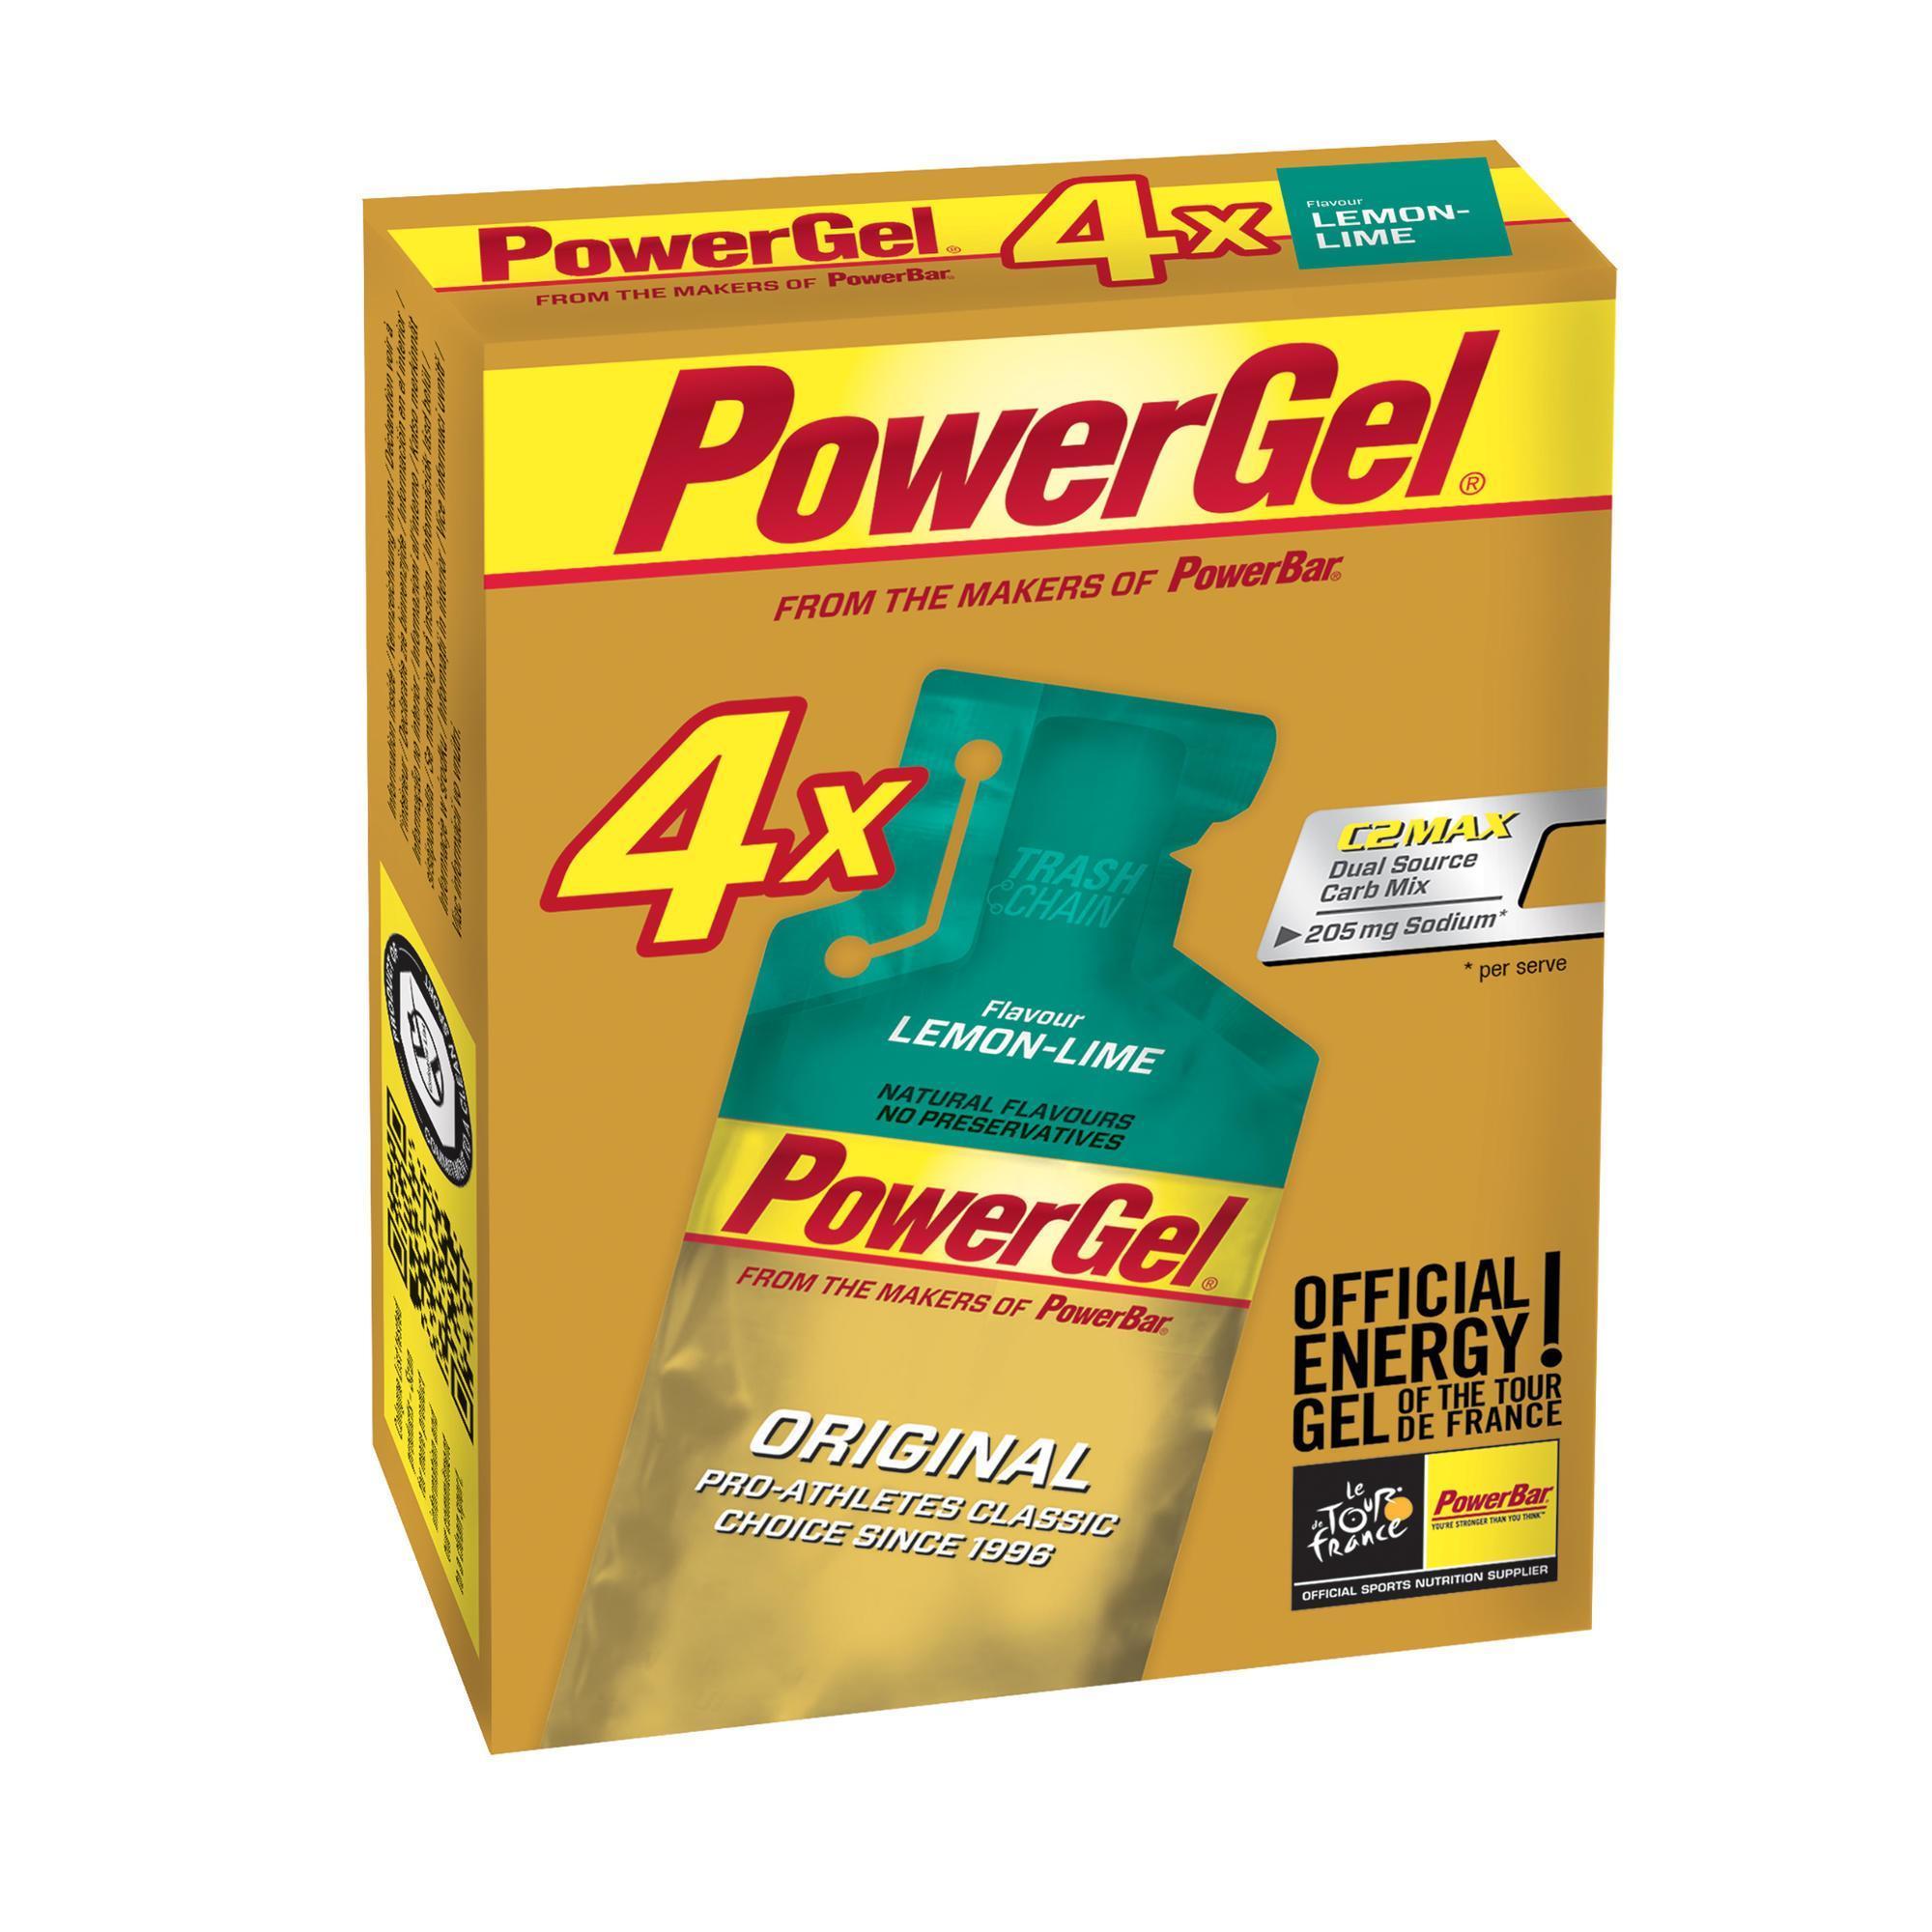 Powerbar Energiegel Power Gel citroen 4x41g g